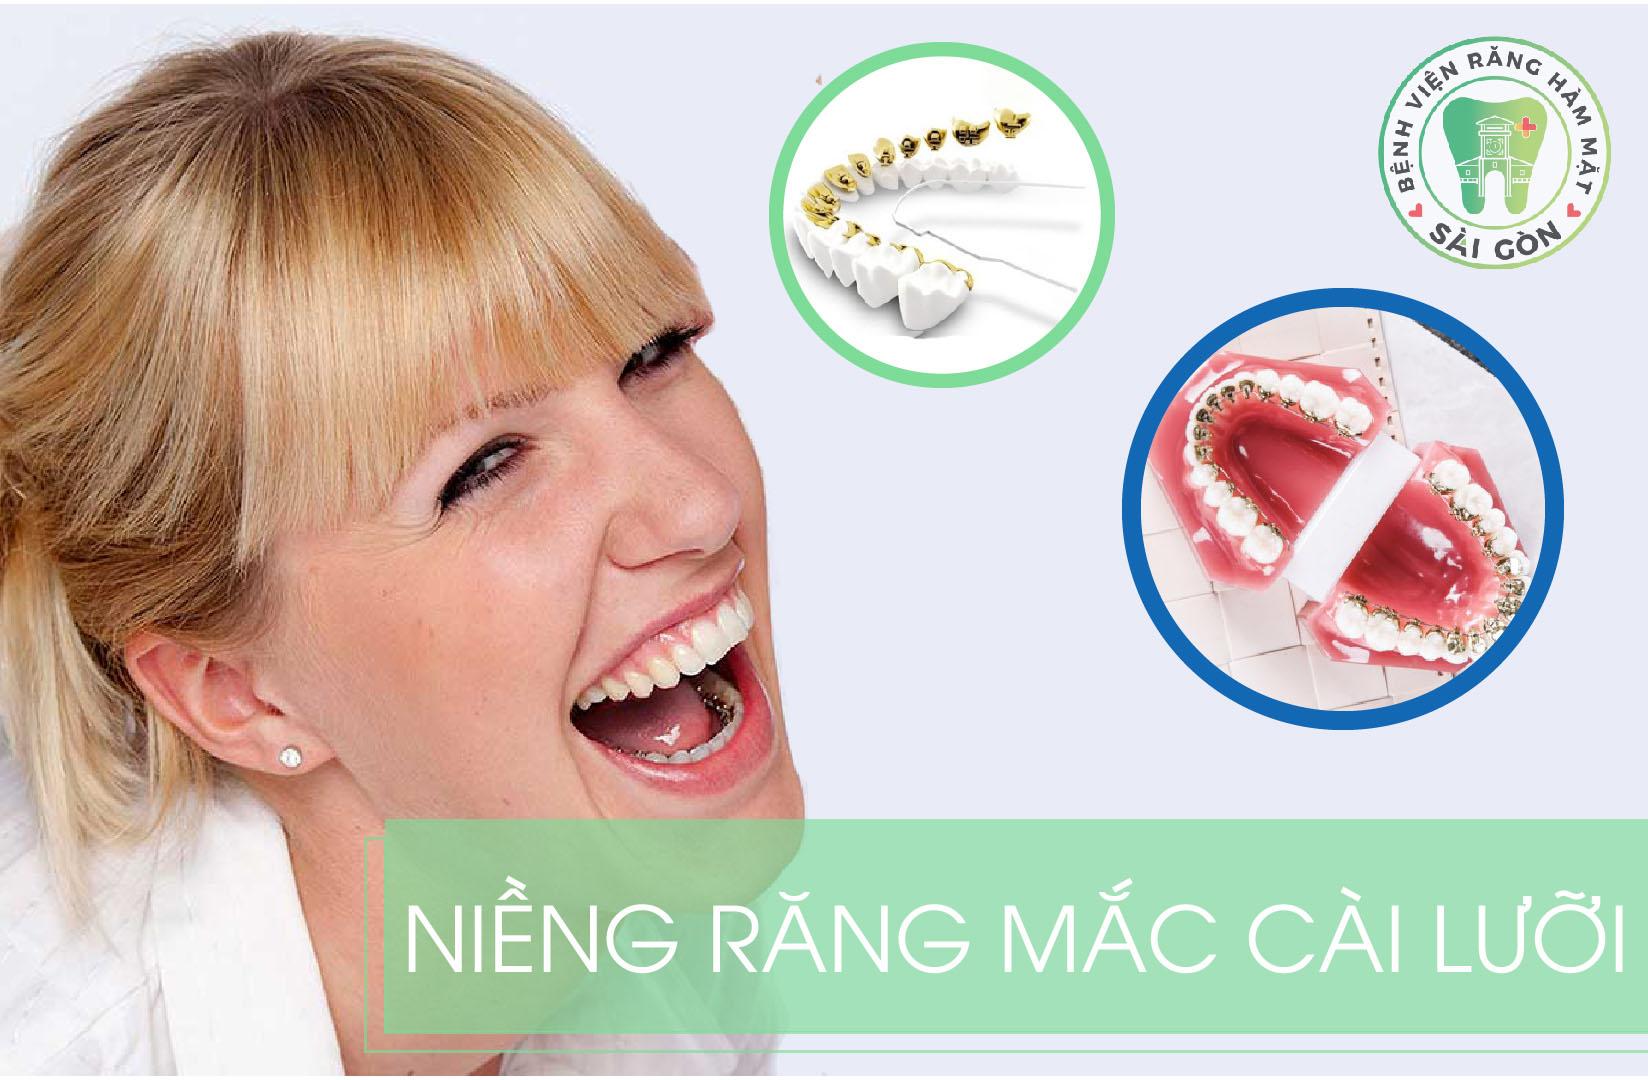 nieng-rang-mac-cai-mat-luoi